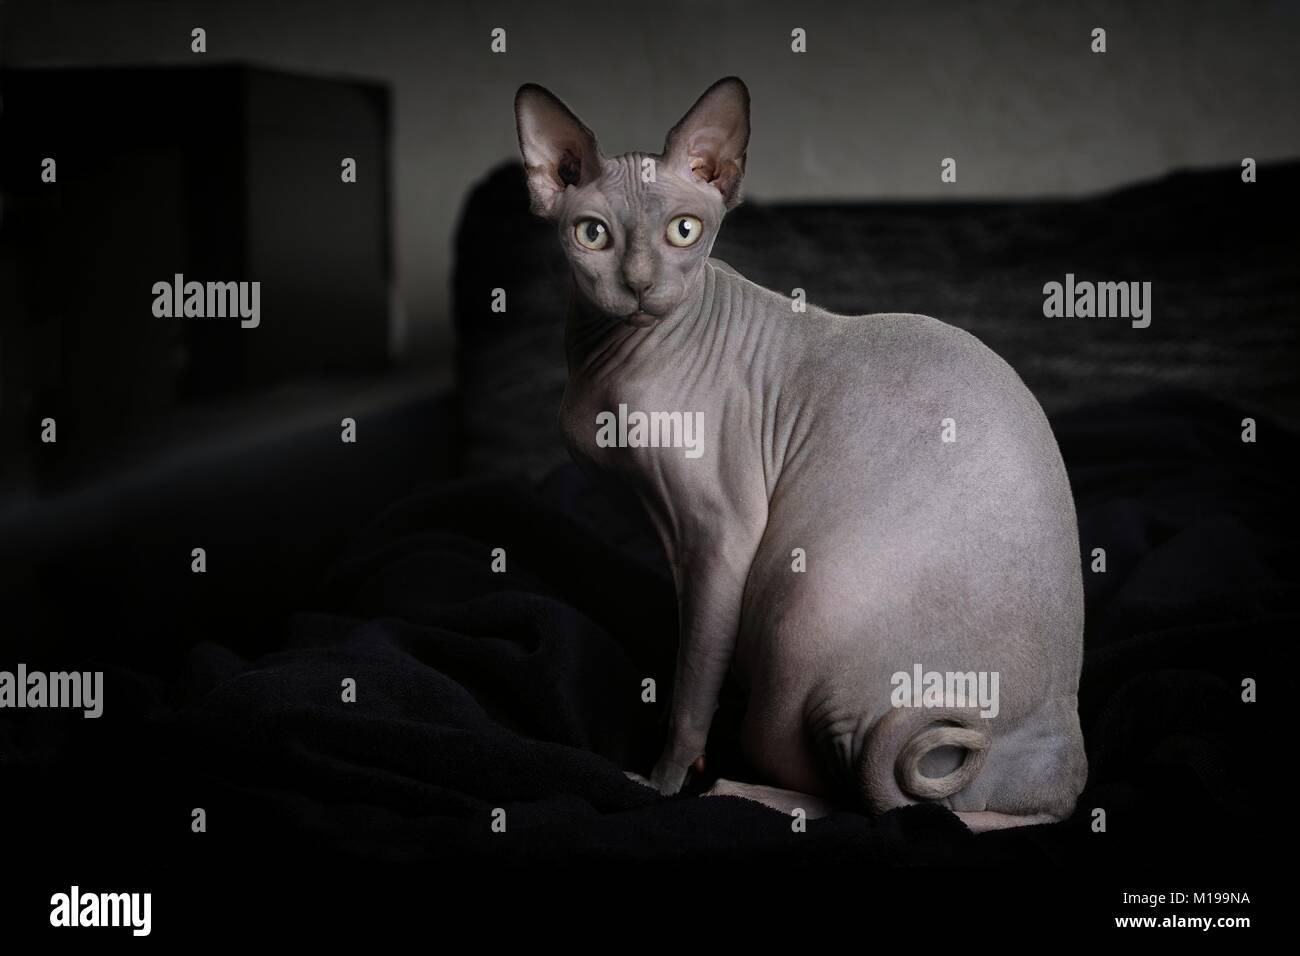 Retrato de un gris sphynx cat en el entorno doméstico Imagen De Stock